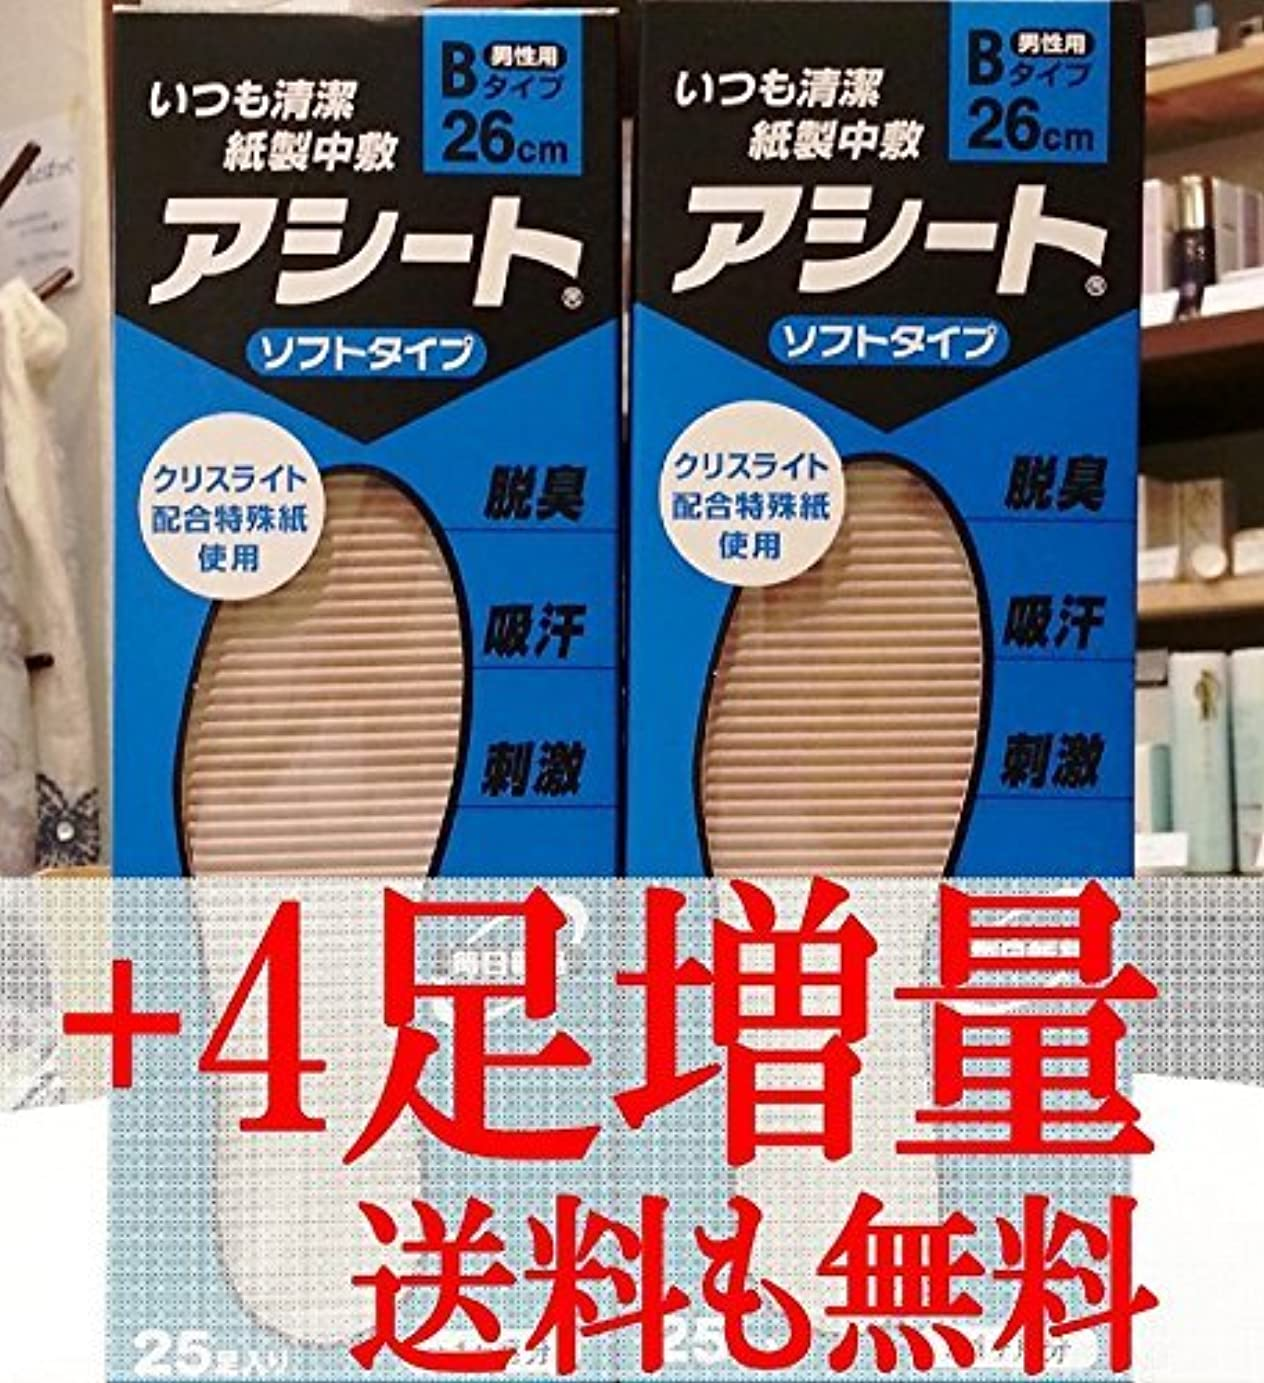 こどもの日大工敗北アシートB 25足入2箱セット+4足増量中(26cm)